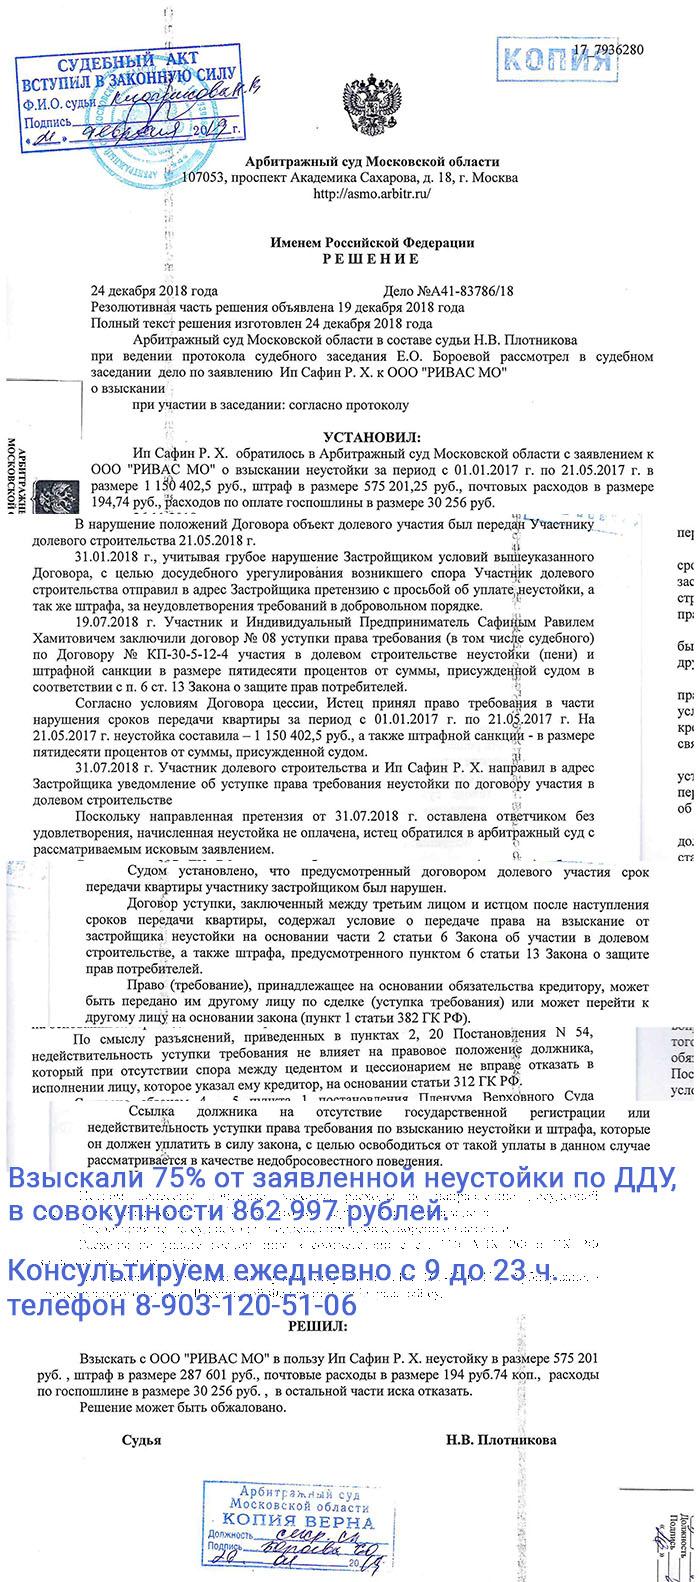 Судебное дело о взыскании 75 процентов от заявленной в иске неустойки с застройщика из группы ПИК через арбитражный суд Московской области